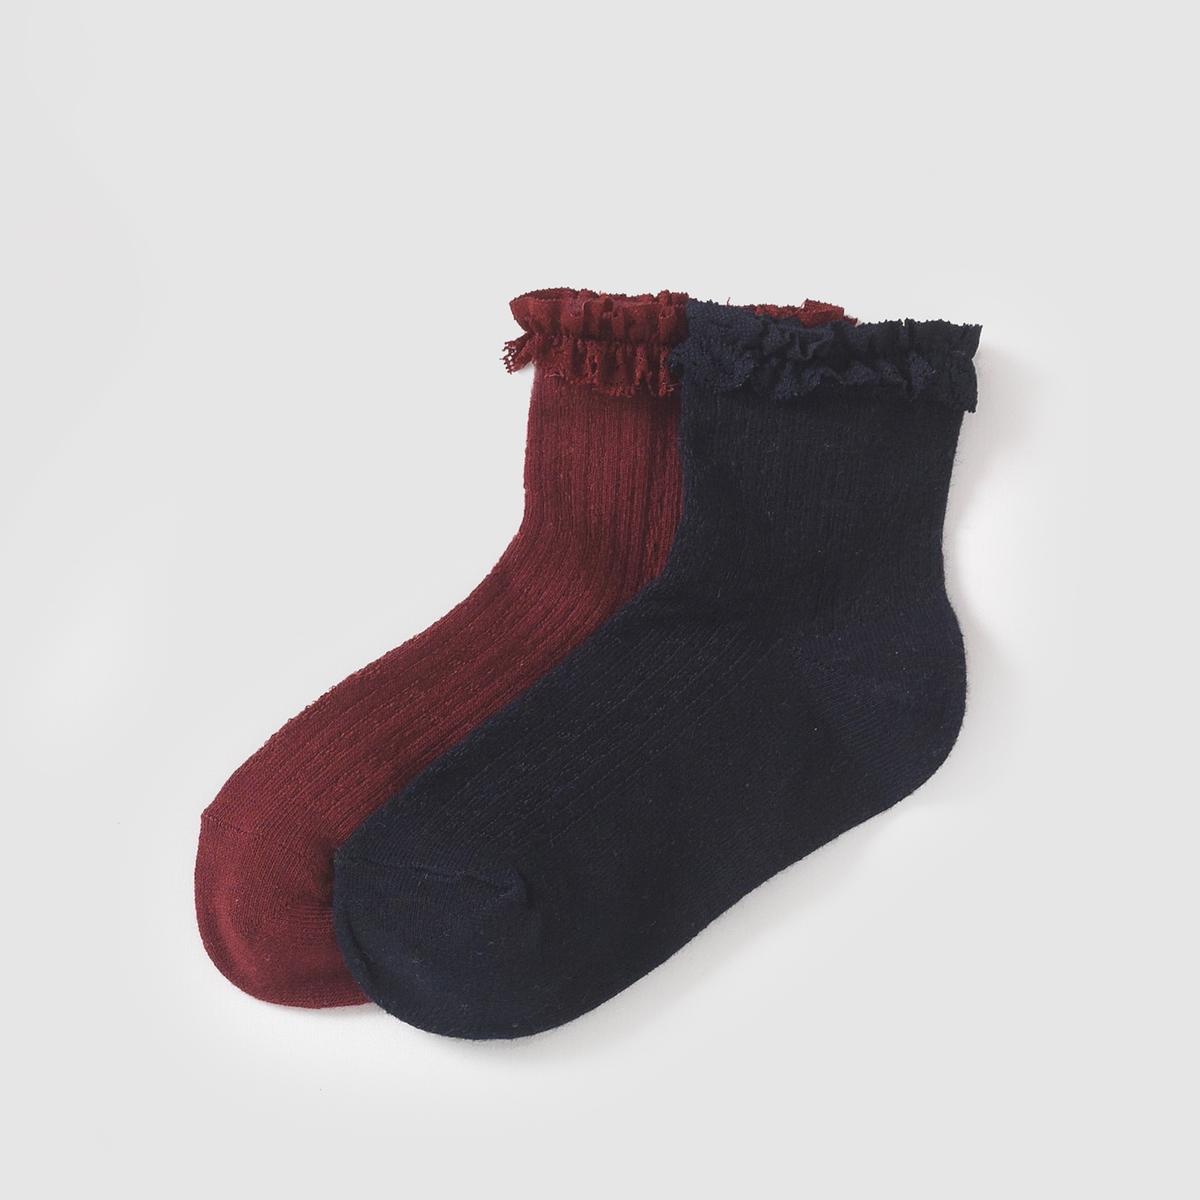 2 пары носков с воланамиОригинальные носки с воланами из кружева на щиколотке  . 2 пары в комплекте.Состав и описание : Материал      75% хлопка, 22% полиамида, 3% эластана Марка      abcdRУход :Ручная стирка.Машинная сушка запрещена.Не гладить.<br><br>Цвет: синий+фиолетовый<br>Размер: 27/30